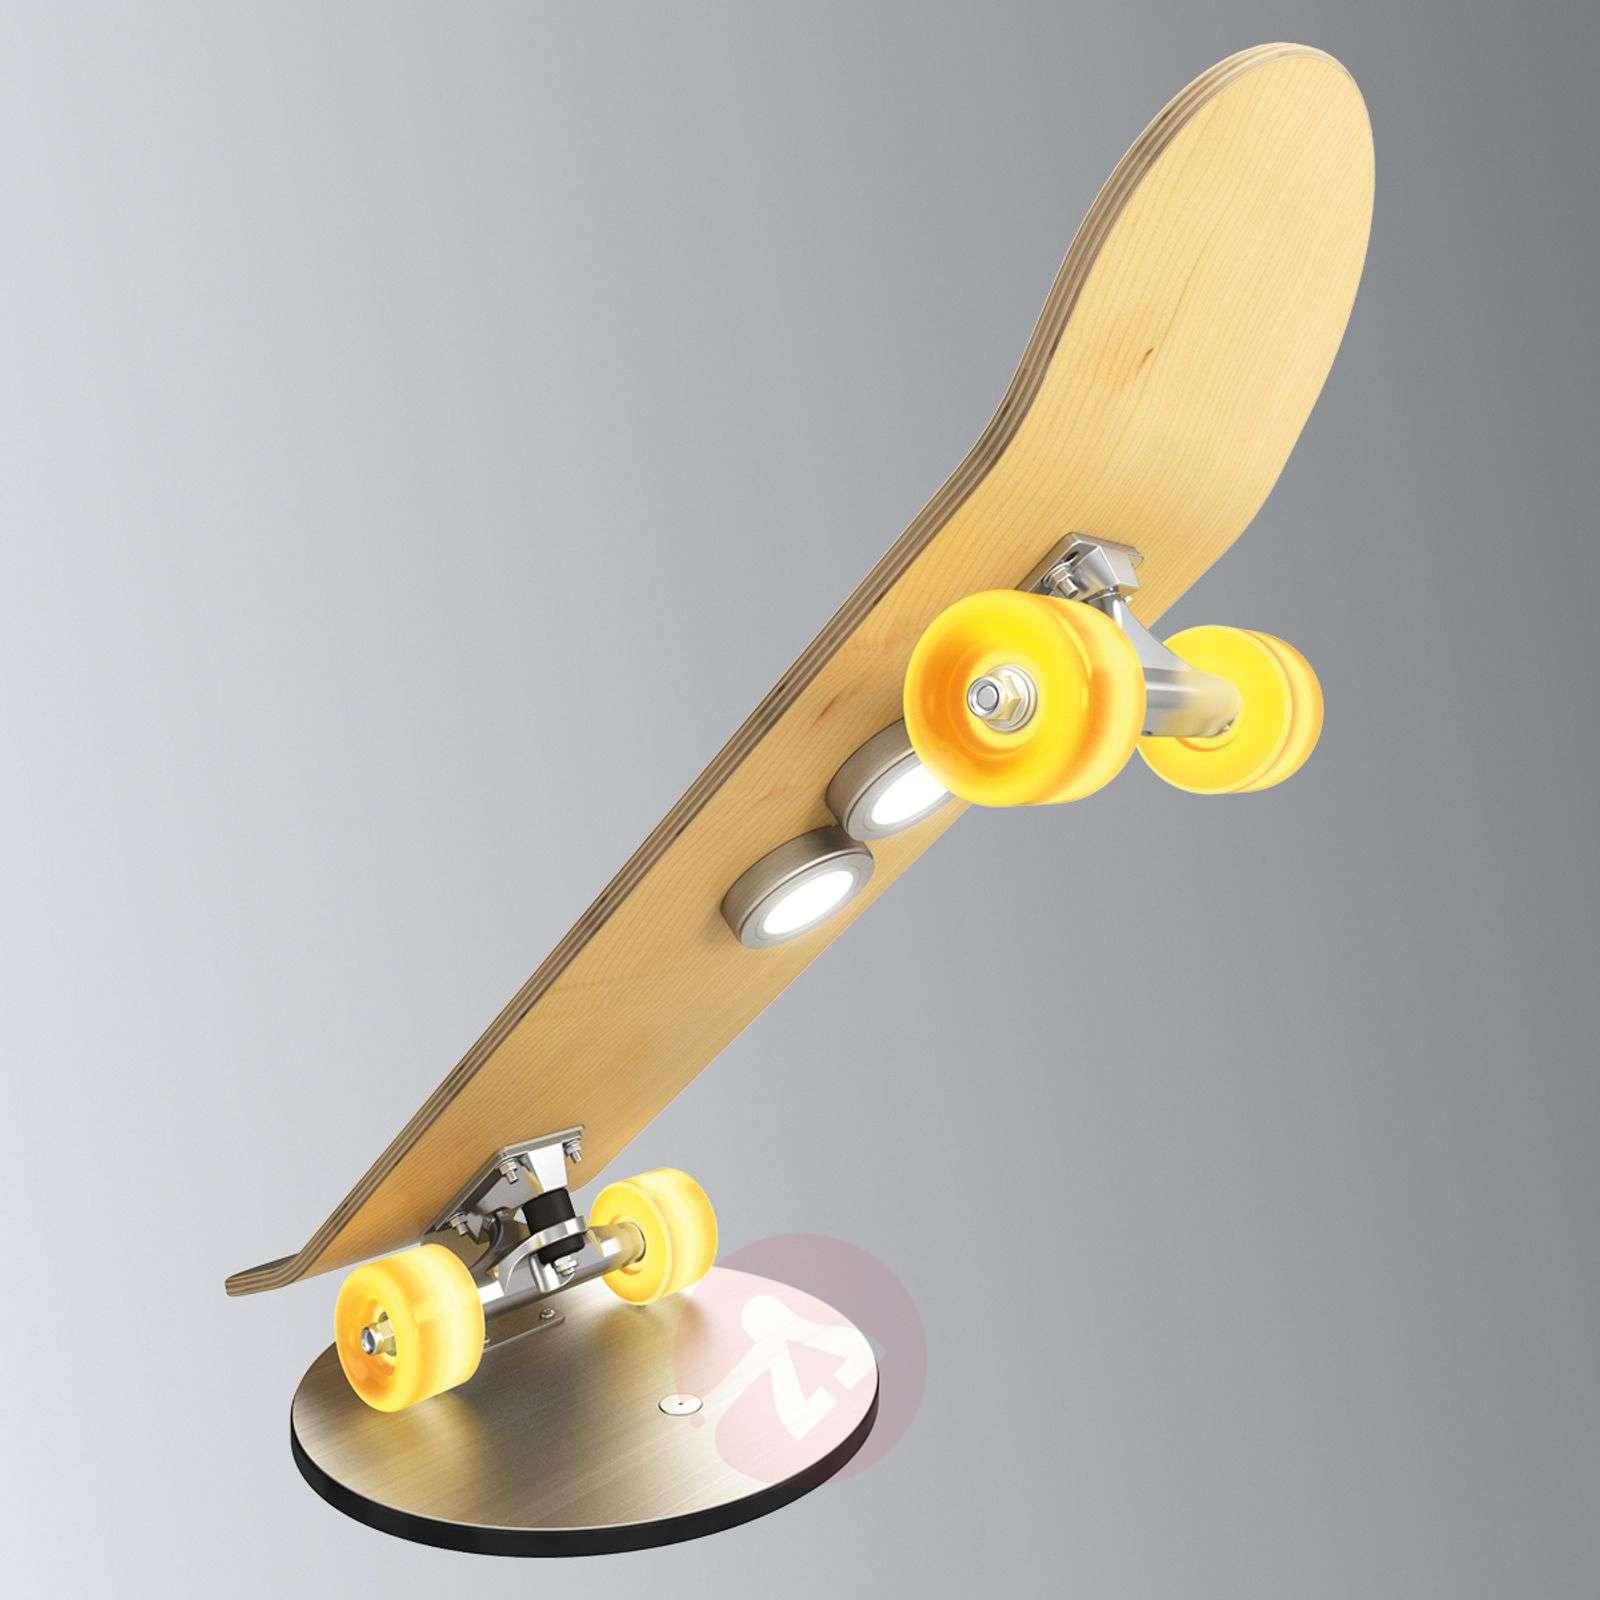 Light Cruiser skateboard table lamp with LEDs-3025312-01